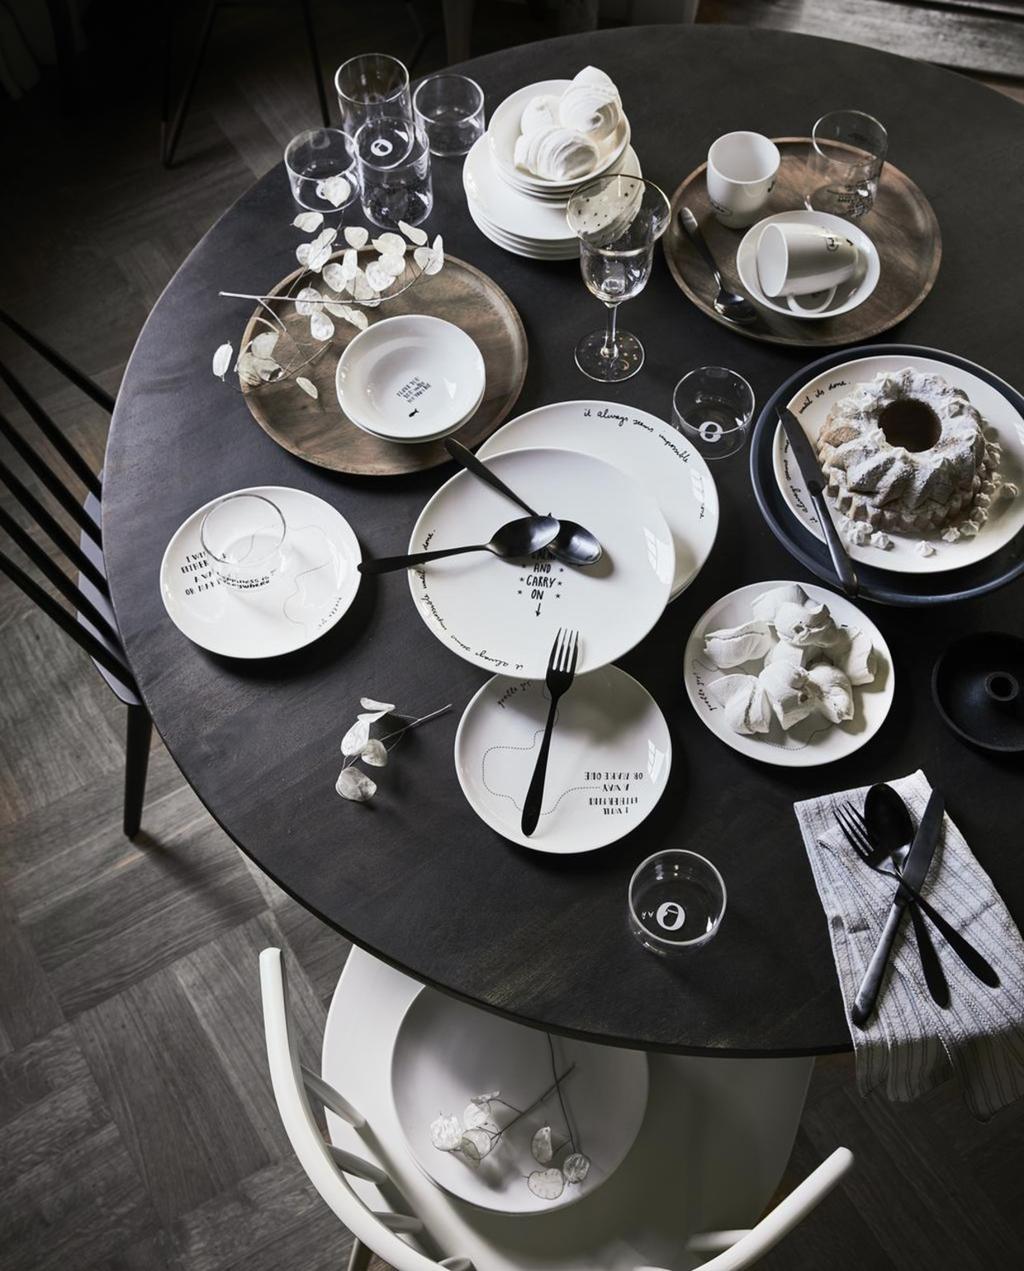 Een witte serviesset op een zwarte tafel